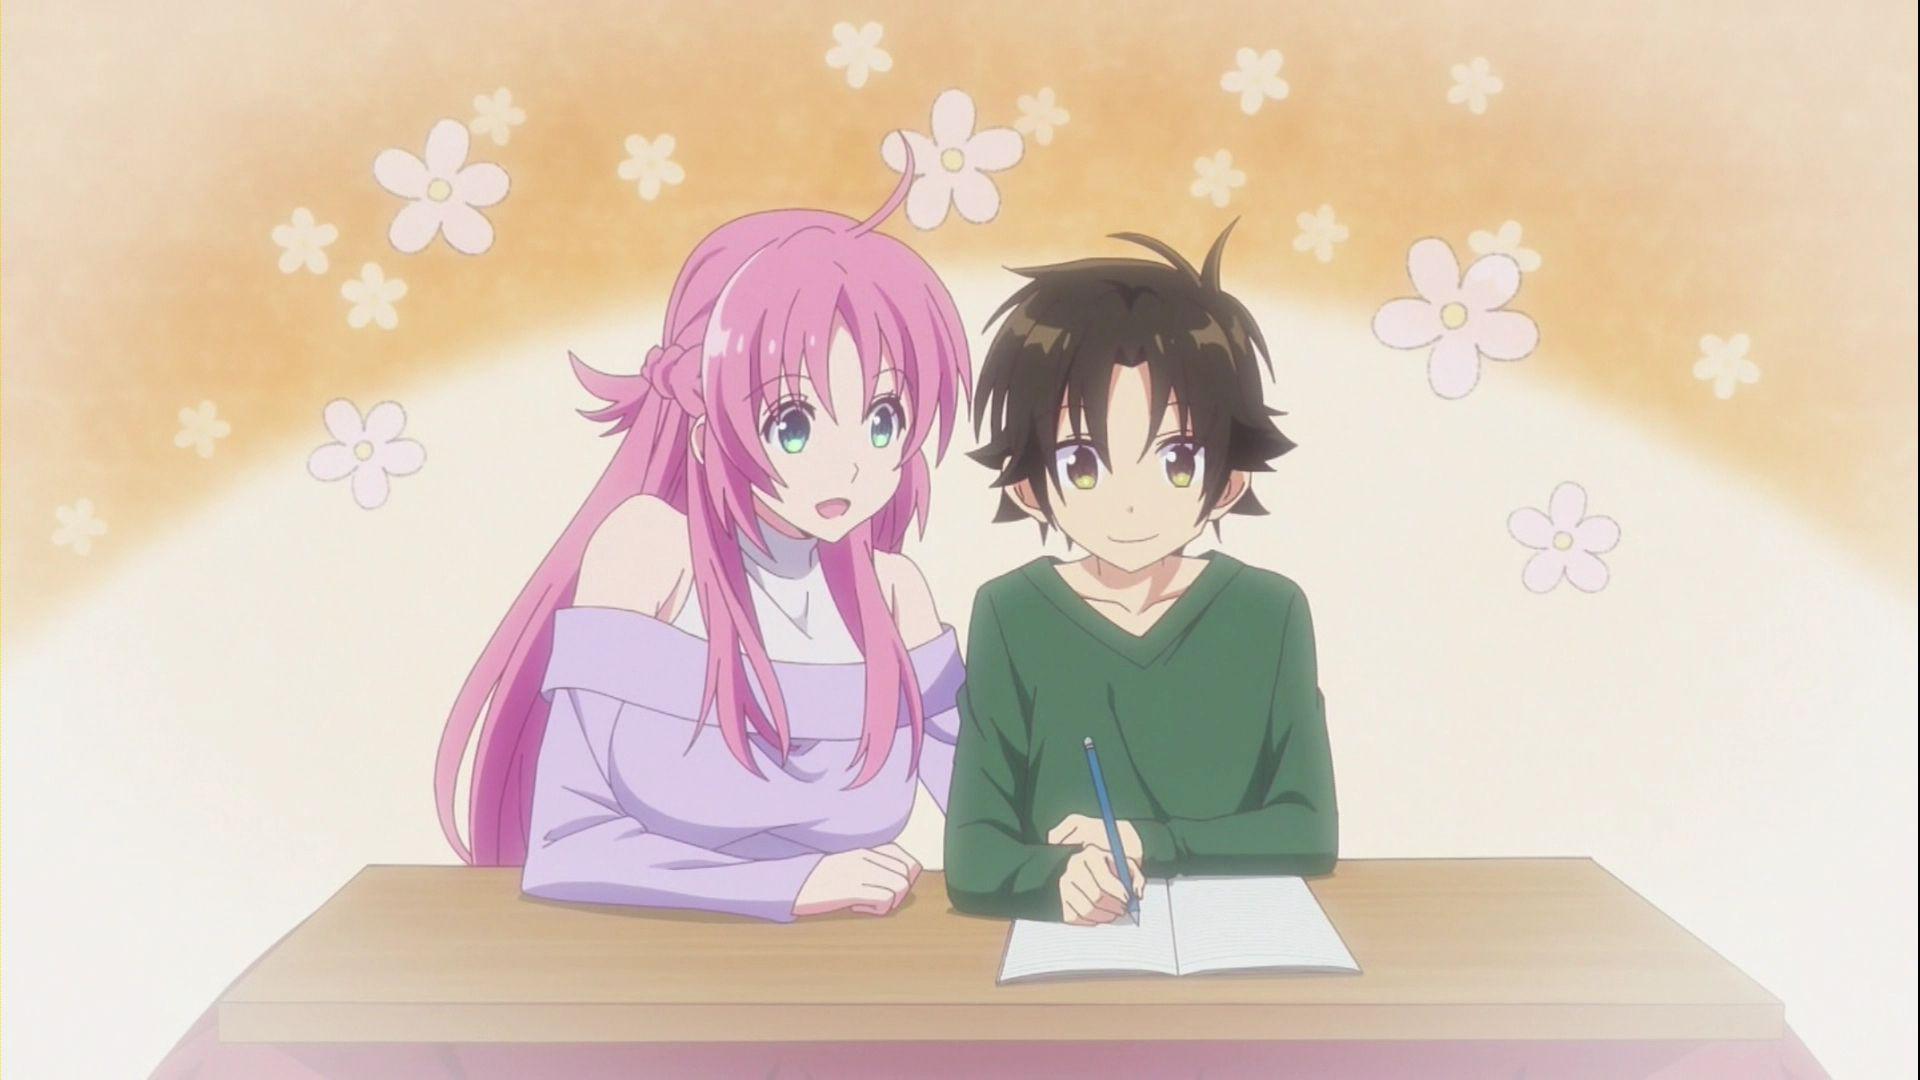 MegamiRyounoRyoubokun Episode9 18